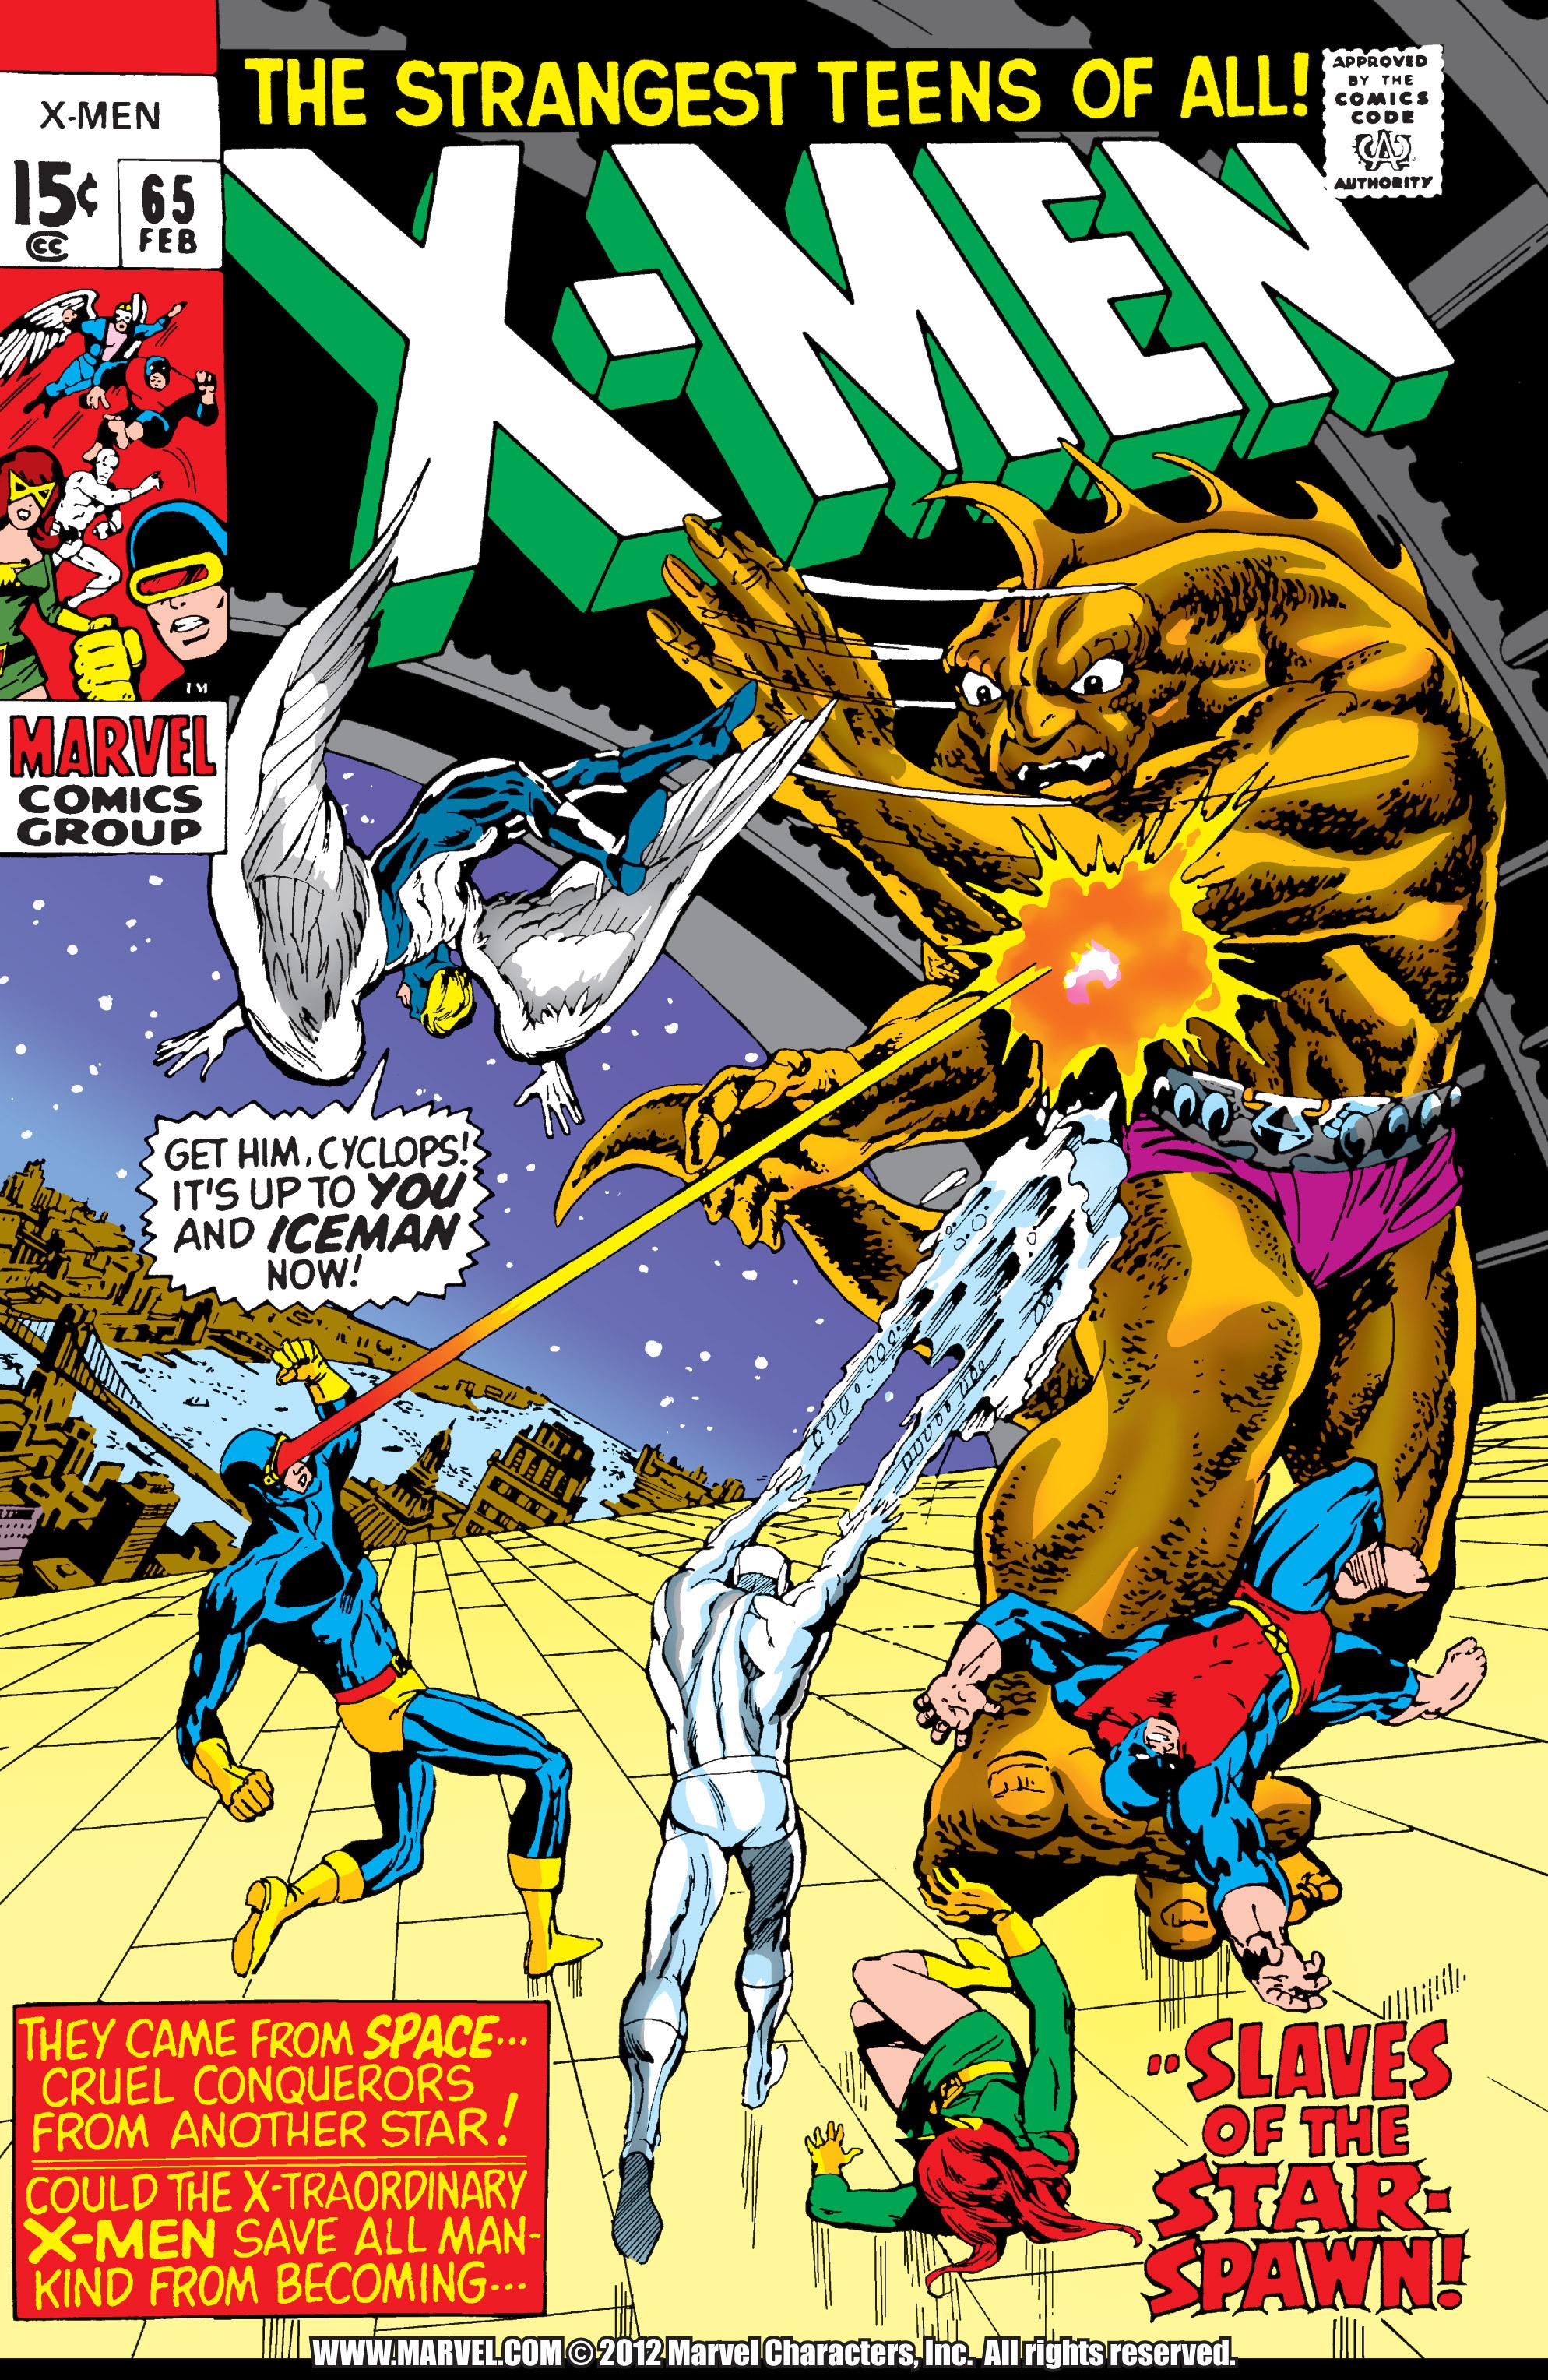 Uncanny X-Men (1963) 65 Page 1